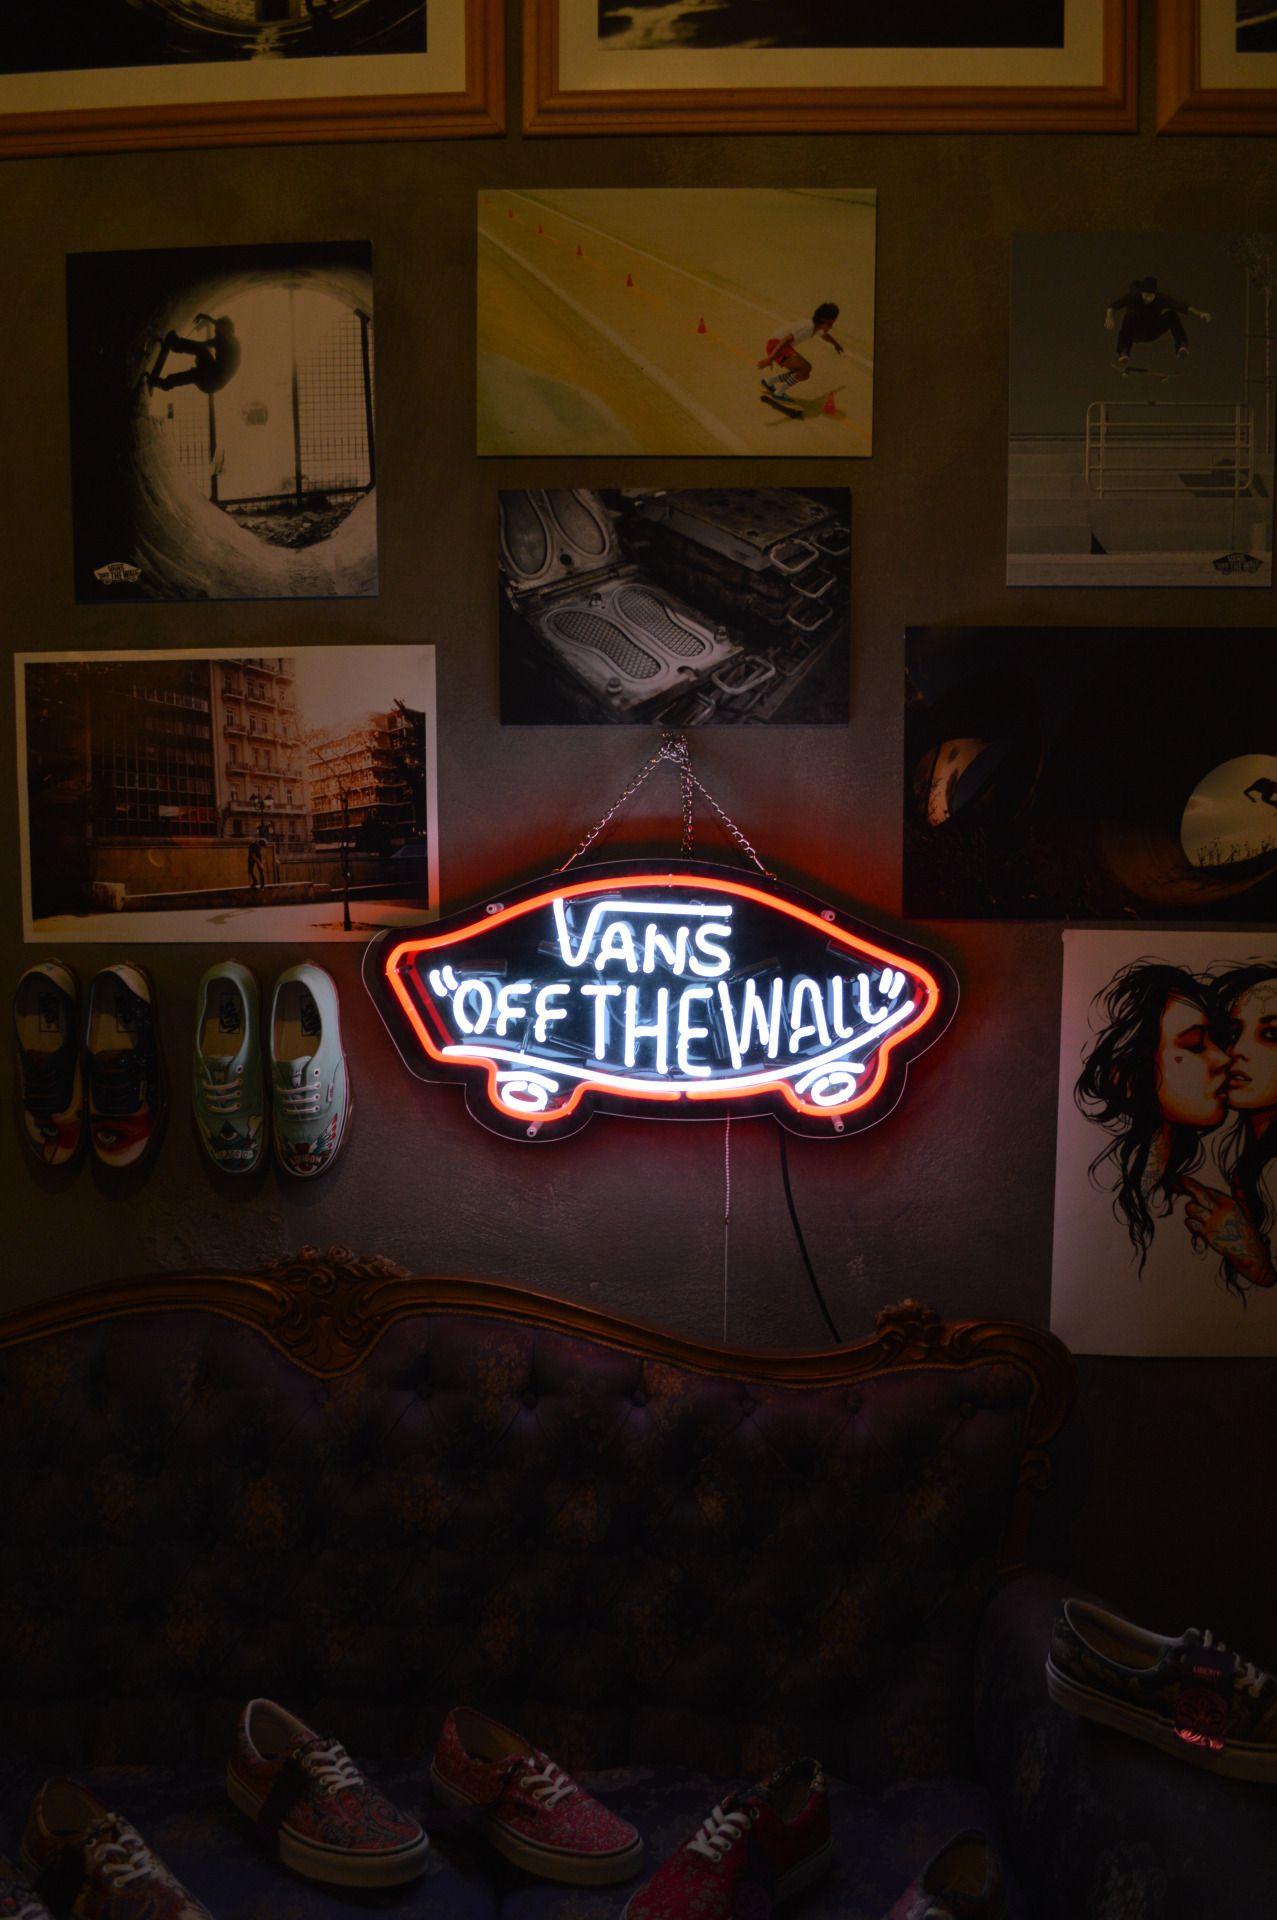 vans shoes vans Pinterest Van shoes, Vans and Wallpaper